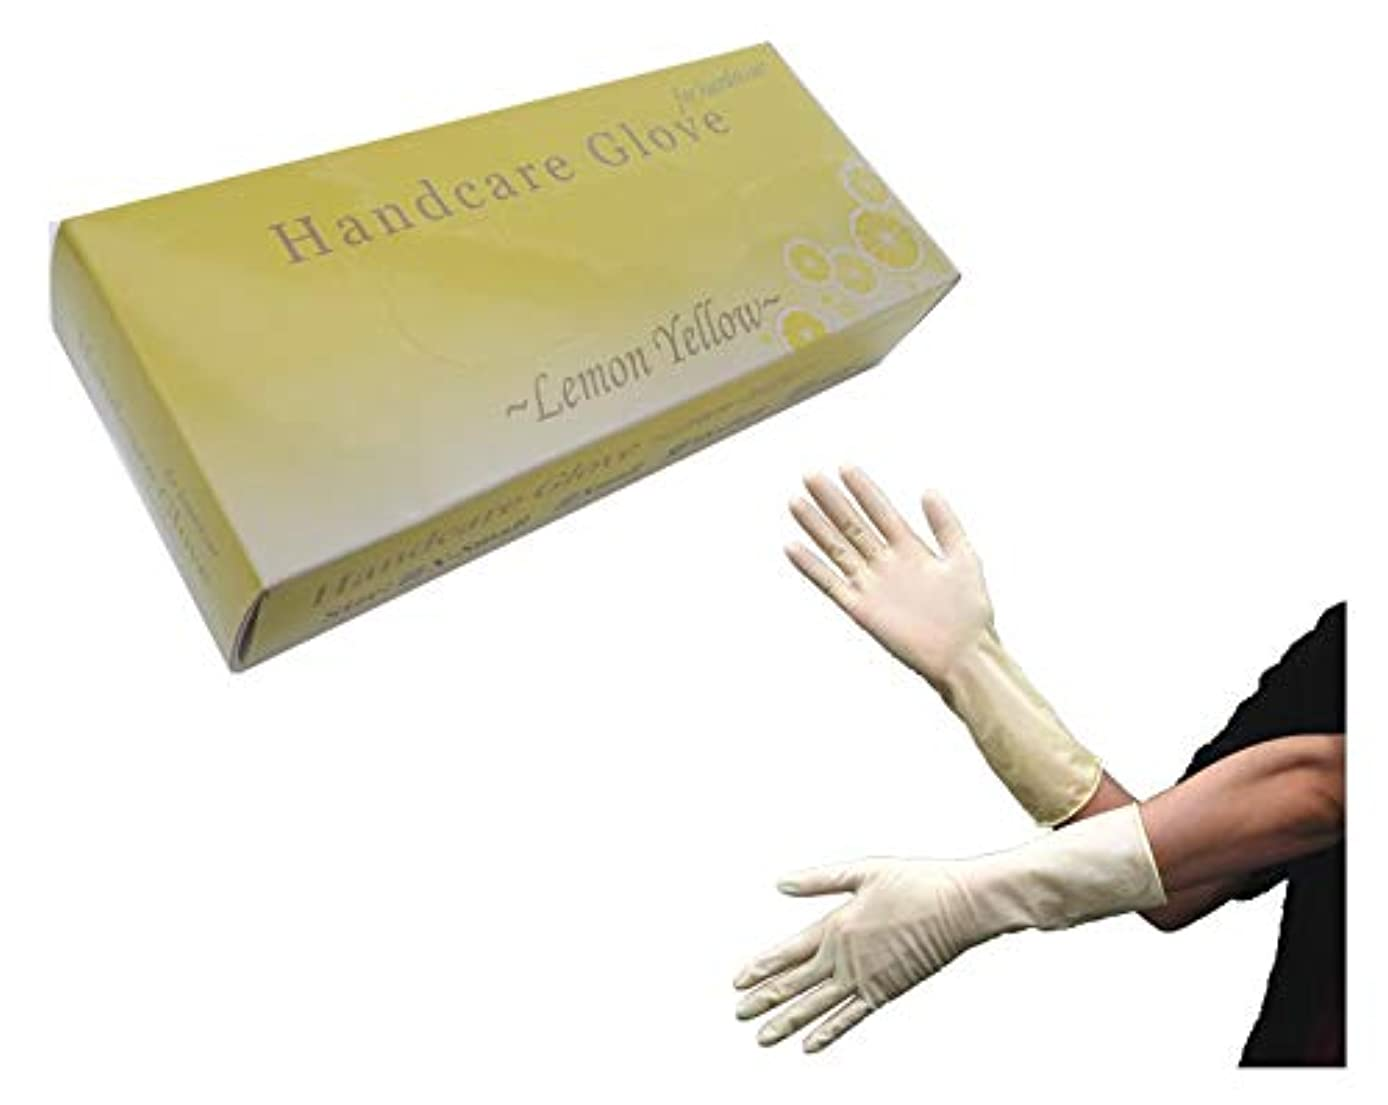 に話す義務的屈辱する【リニューアル】サンフラワー ハンドケアグローブ レモンイエロー ゴム手袋 Sサイズ 50枚入り